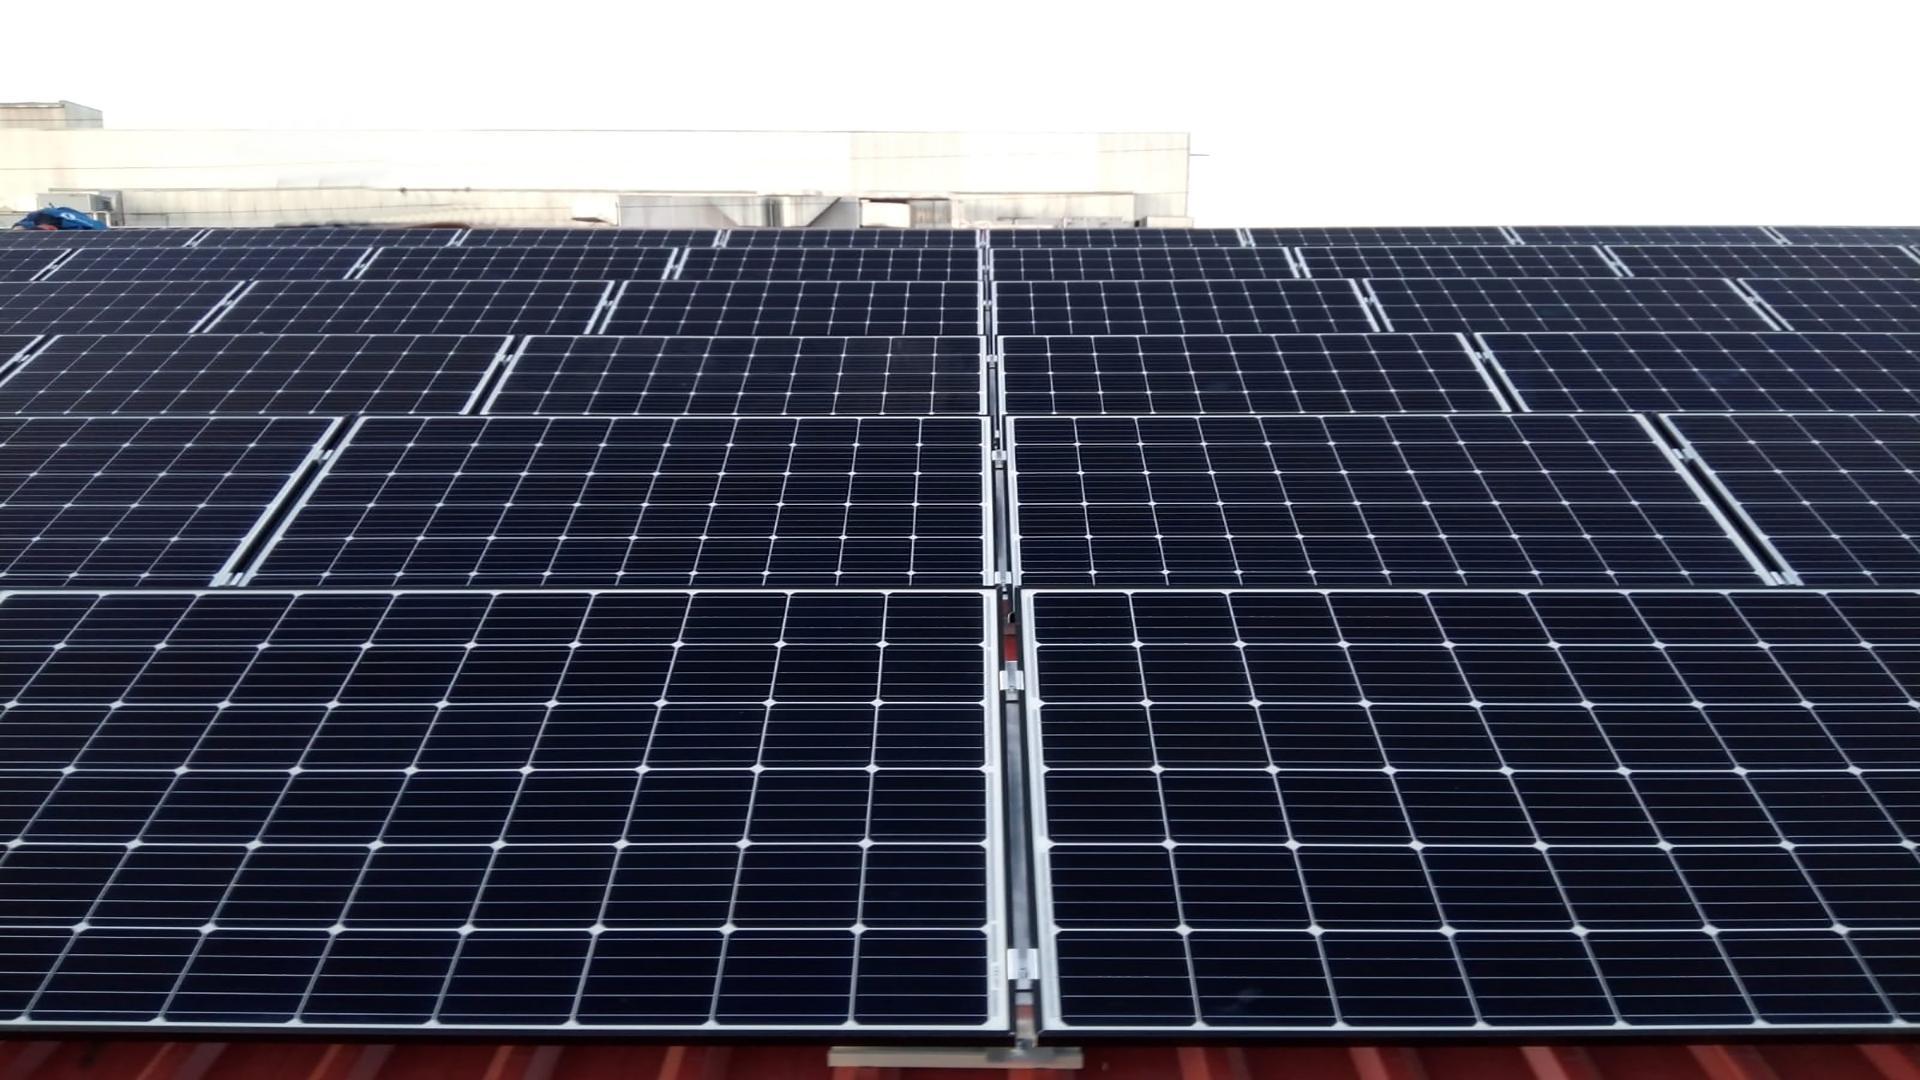 Instalación de autconsumo fotovoltaico en Industrias Vascoal